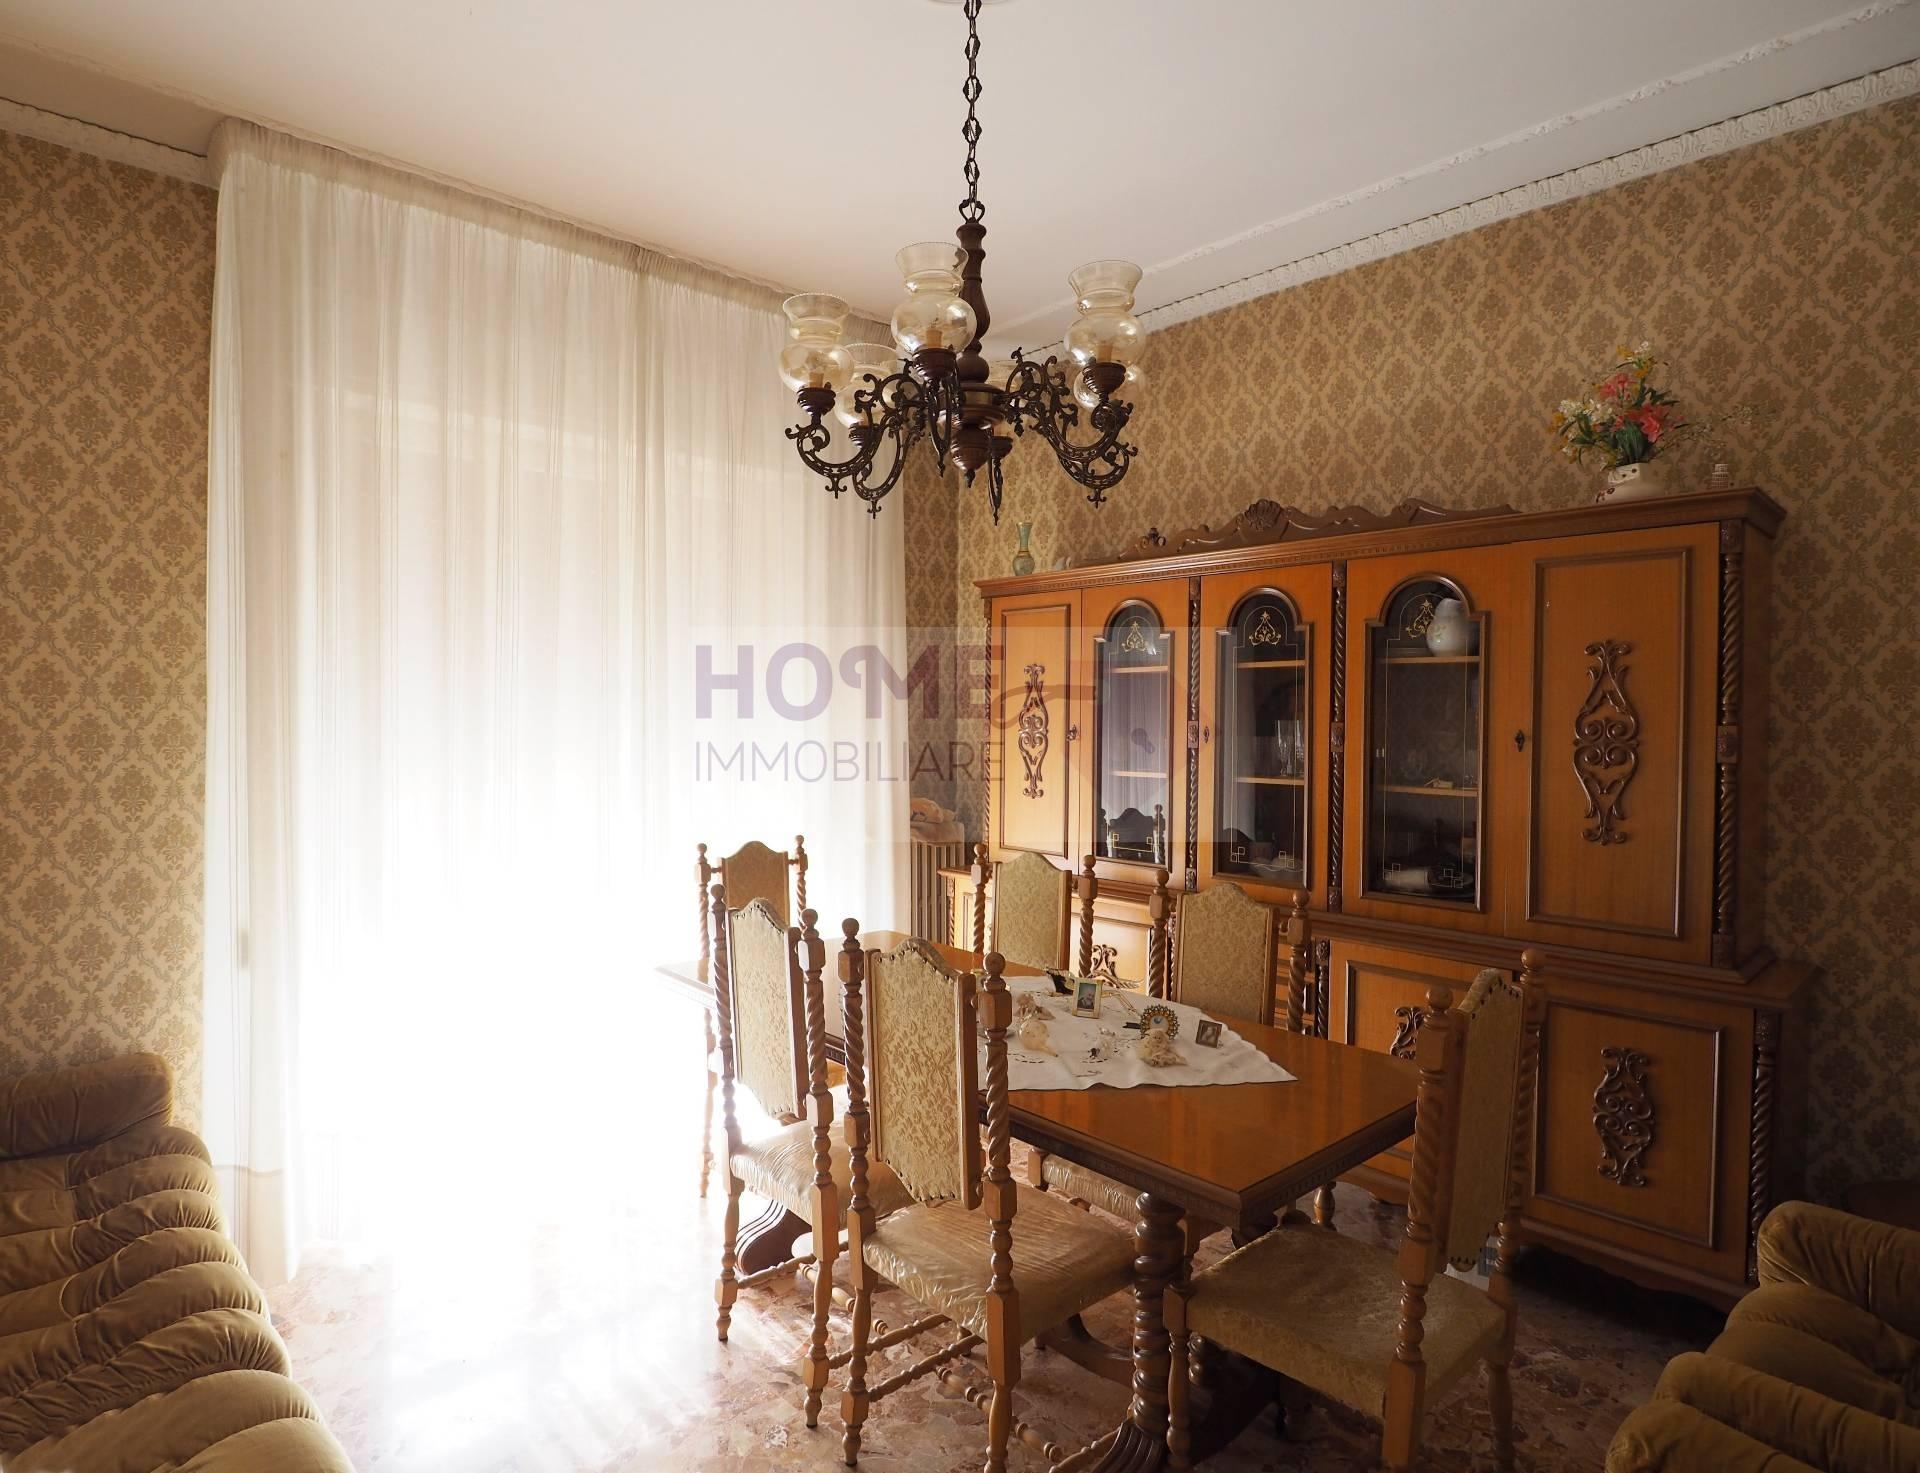 monte-san-giusto vendita quart:  home-immobiliare-snc